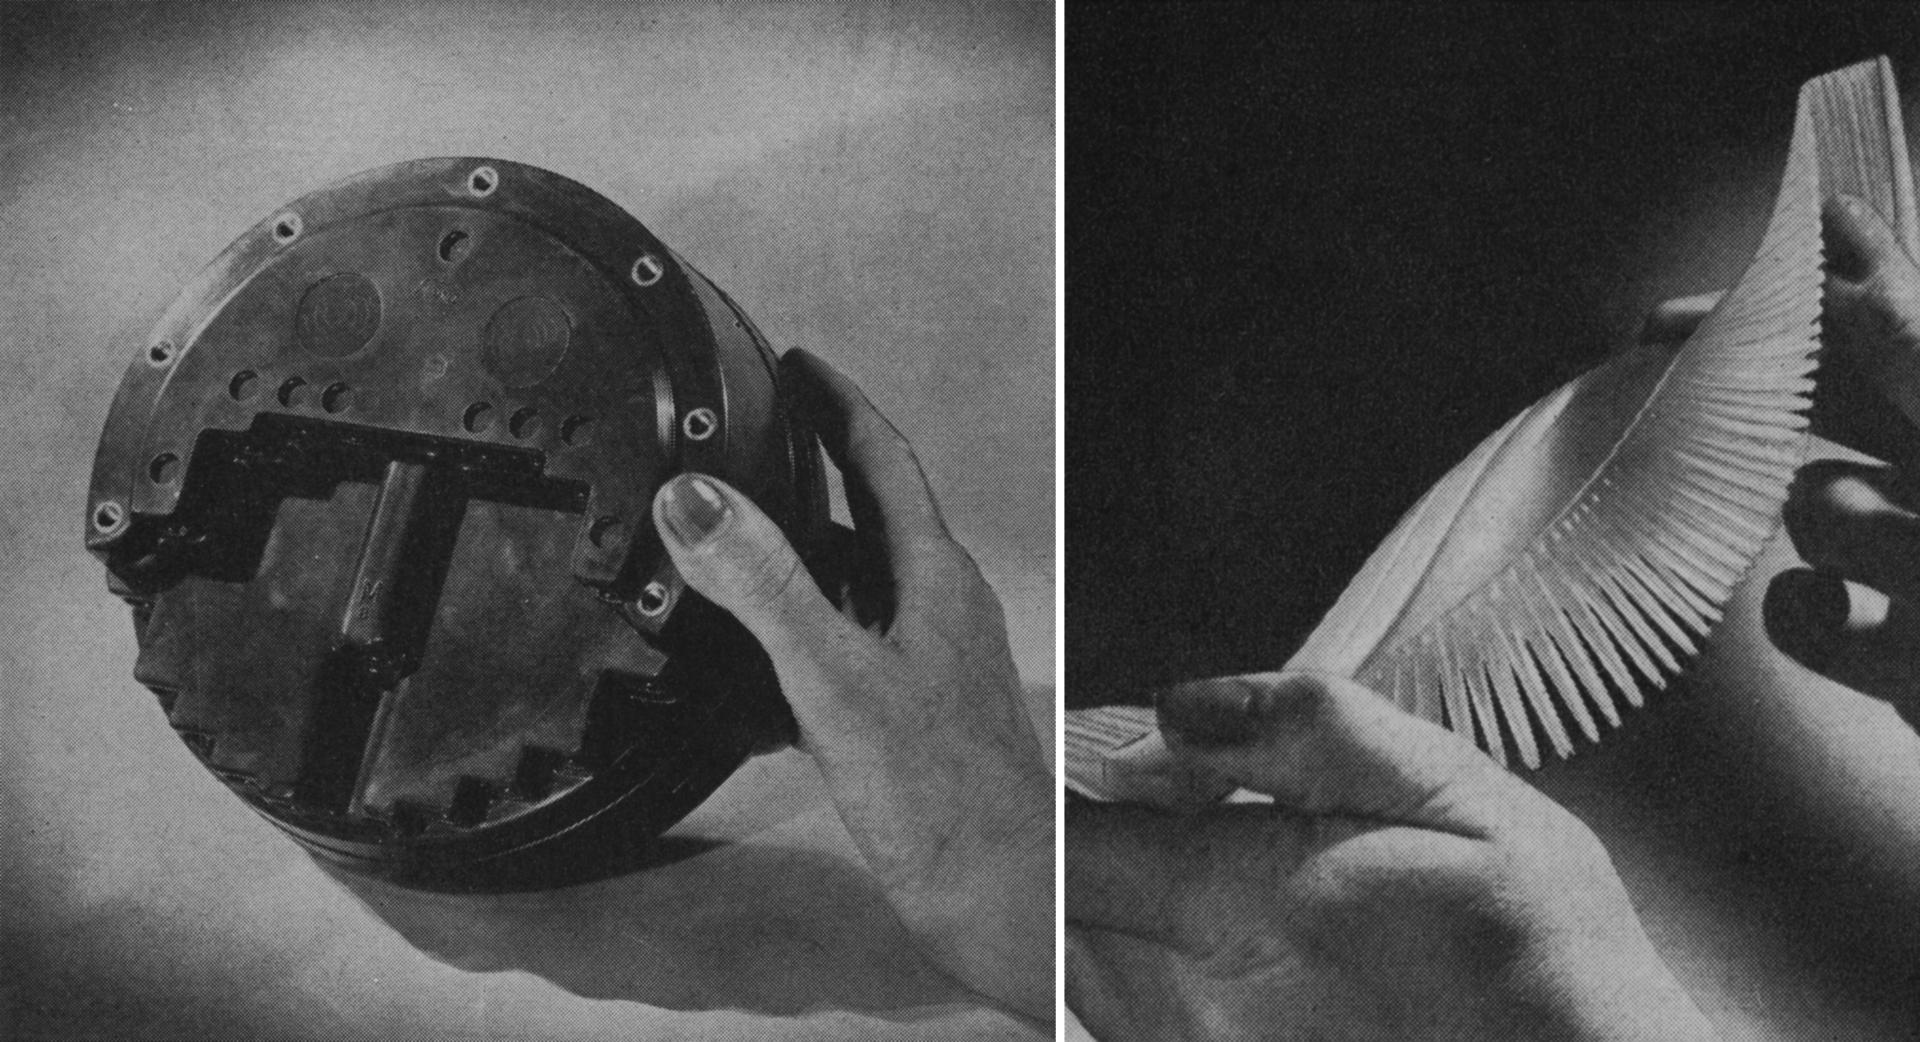 Alexandra Navratil, Modern Magic (Nowoczesna magia), 162 slajdy, 2 projektory, ściemniacze, 2013, dzięki uprzejmości artystki i Dan Gunn Gallery, Berlin